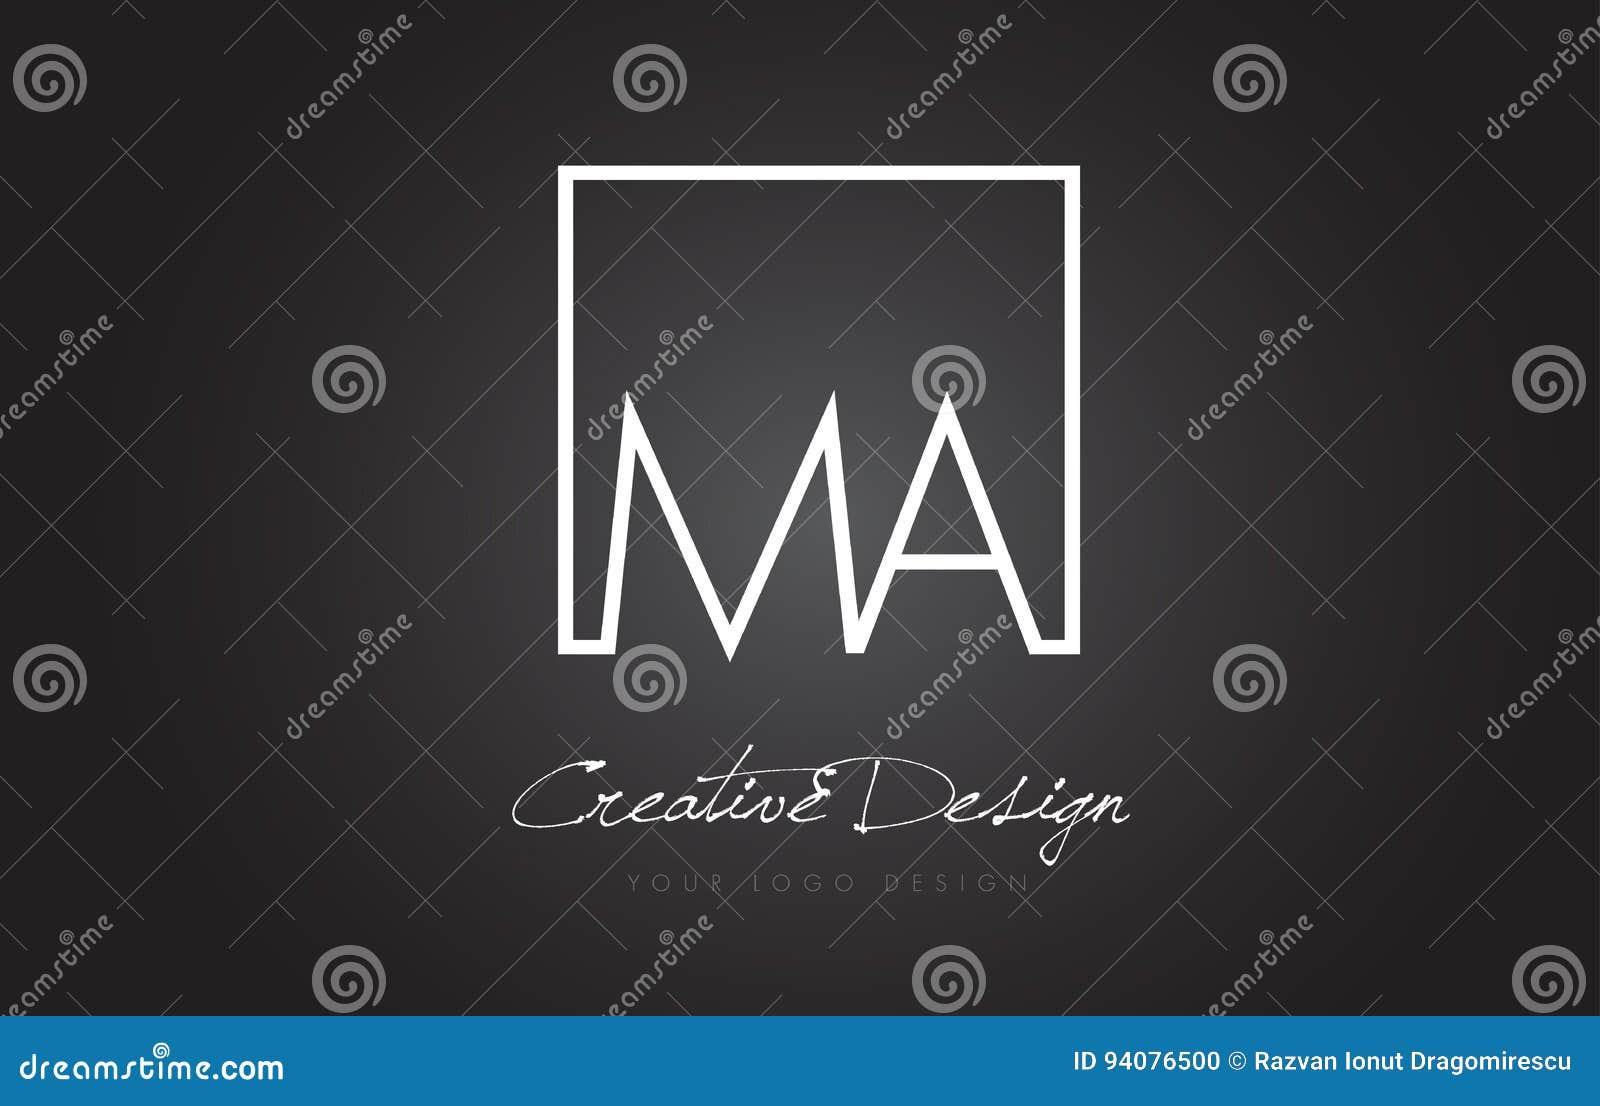 MA-Quadrat-Rahmen-Buchstabe Logo Design Mit Schwarzweiss-Farben ...